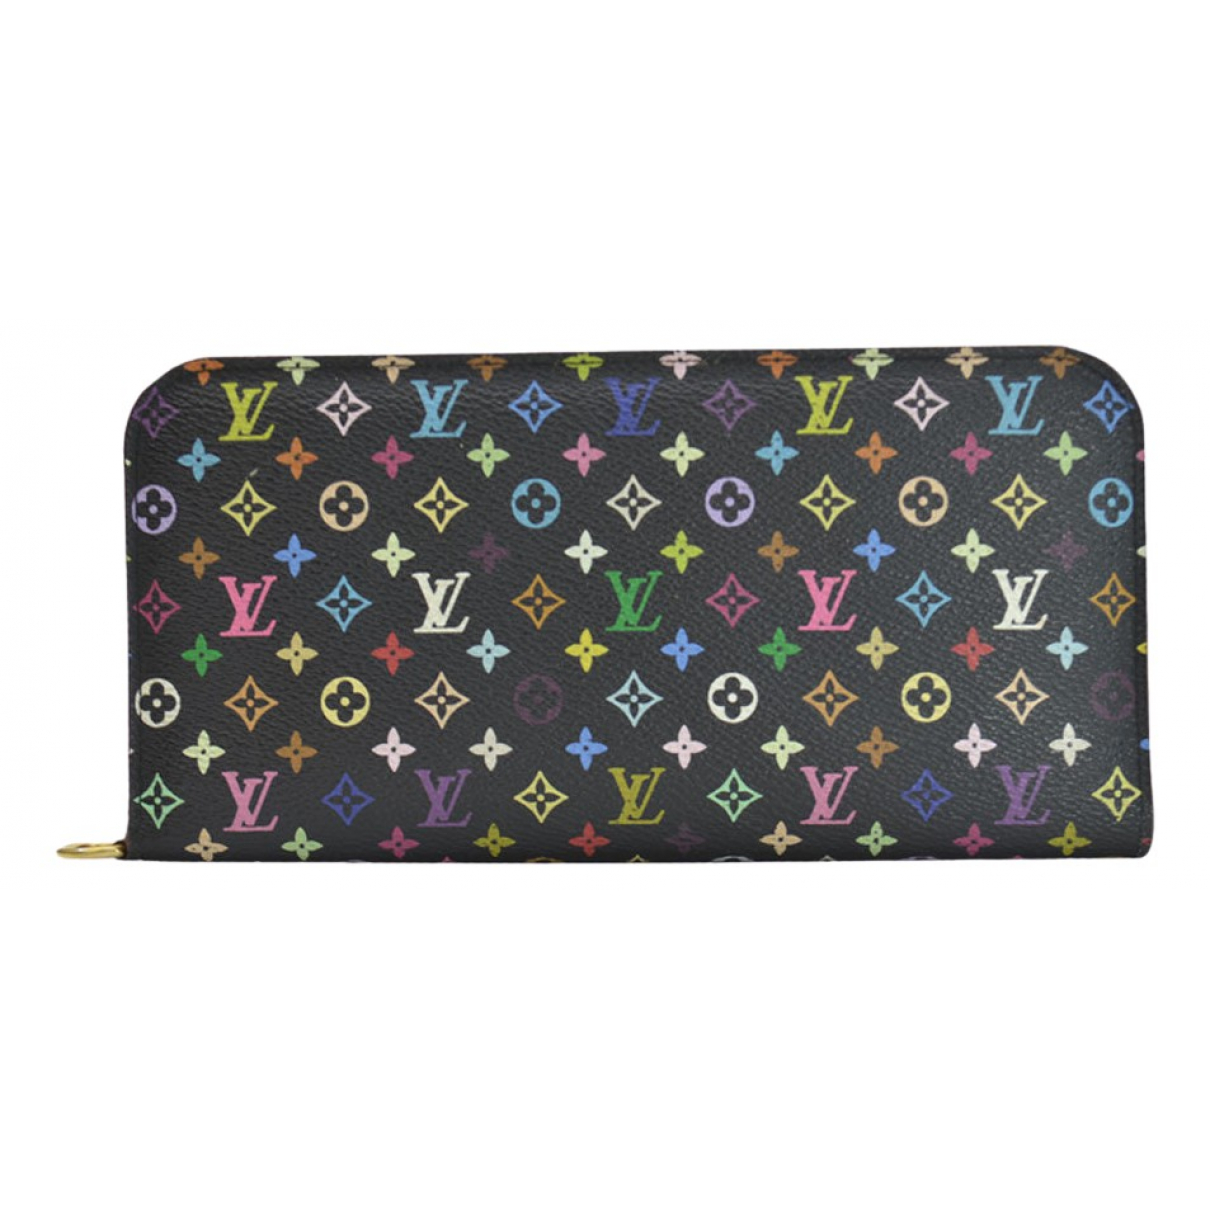 Louis Vuitton \N Portemonnaie in  Schwarz Leinen